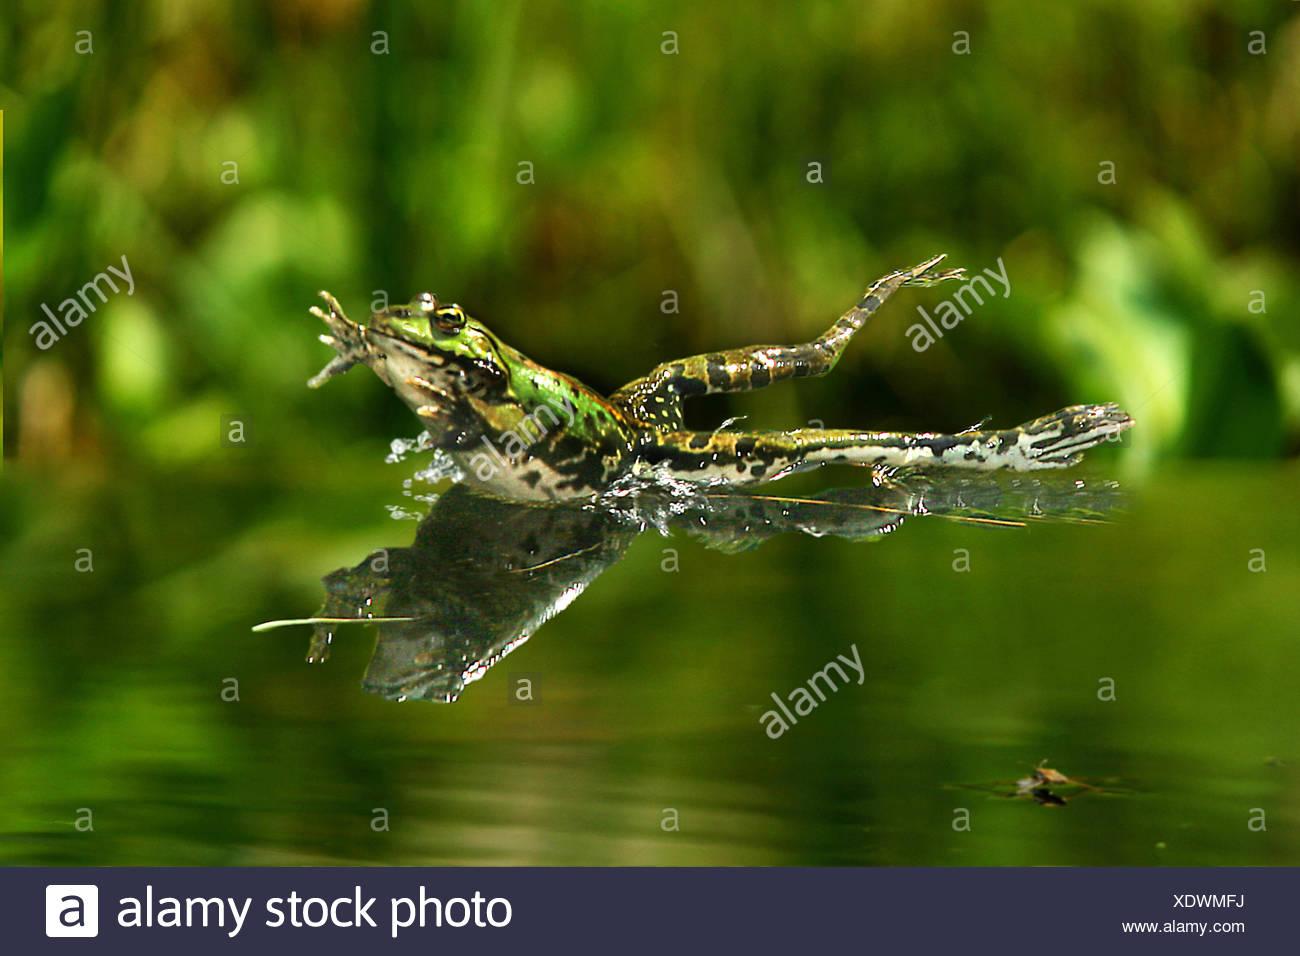 Europäische essbare Frosch, essbare Grasfrosch (Rana kl. Esculenta, Rana Esculenta, außer Esculentus), springen ins Wasser, Deutschland Stockbild